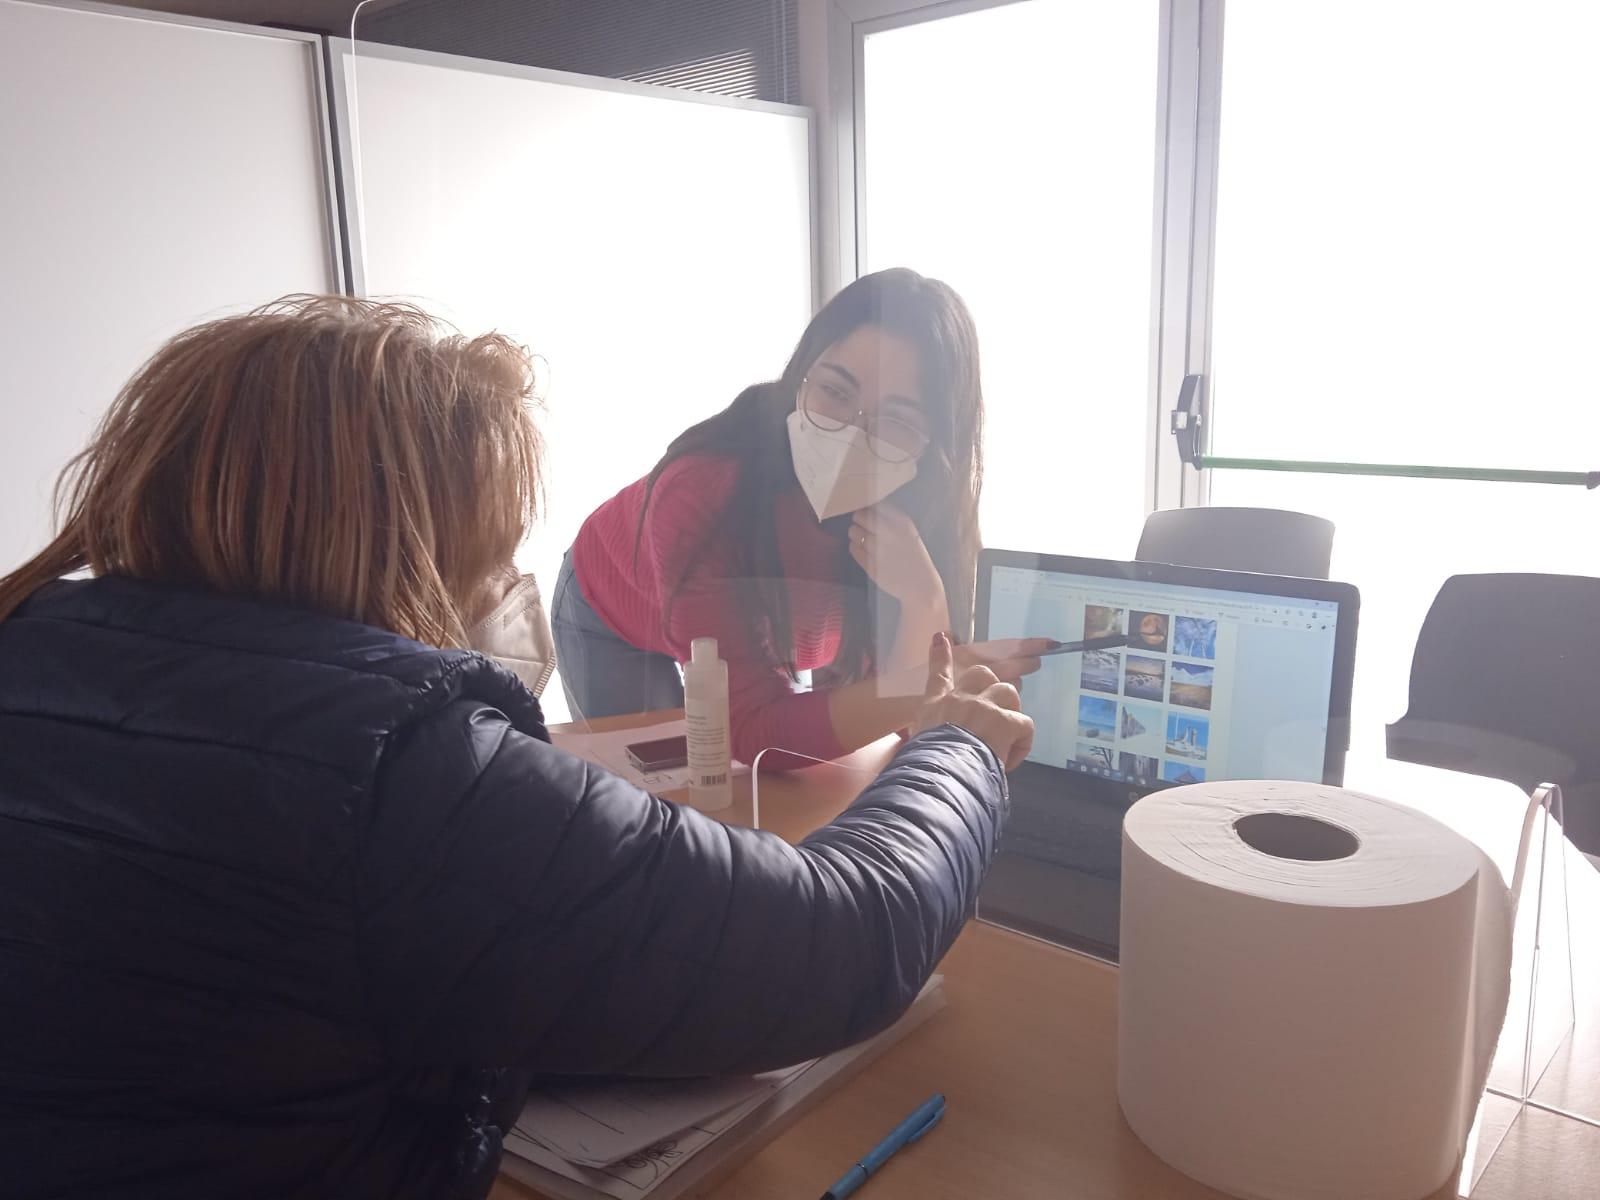 Un taller virtual ayudará a los cuidadores y familiares de enfermos de Alzheimer a cuidarlos